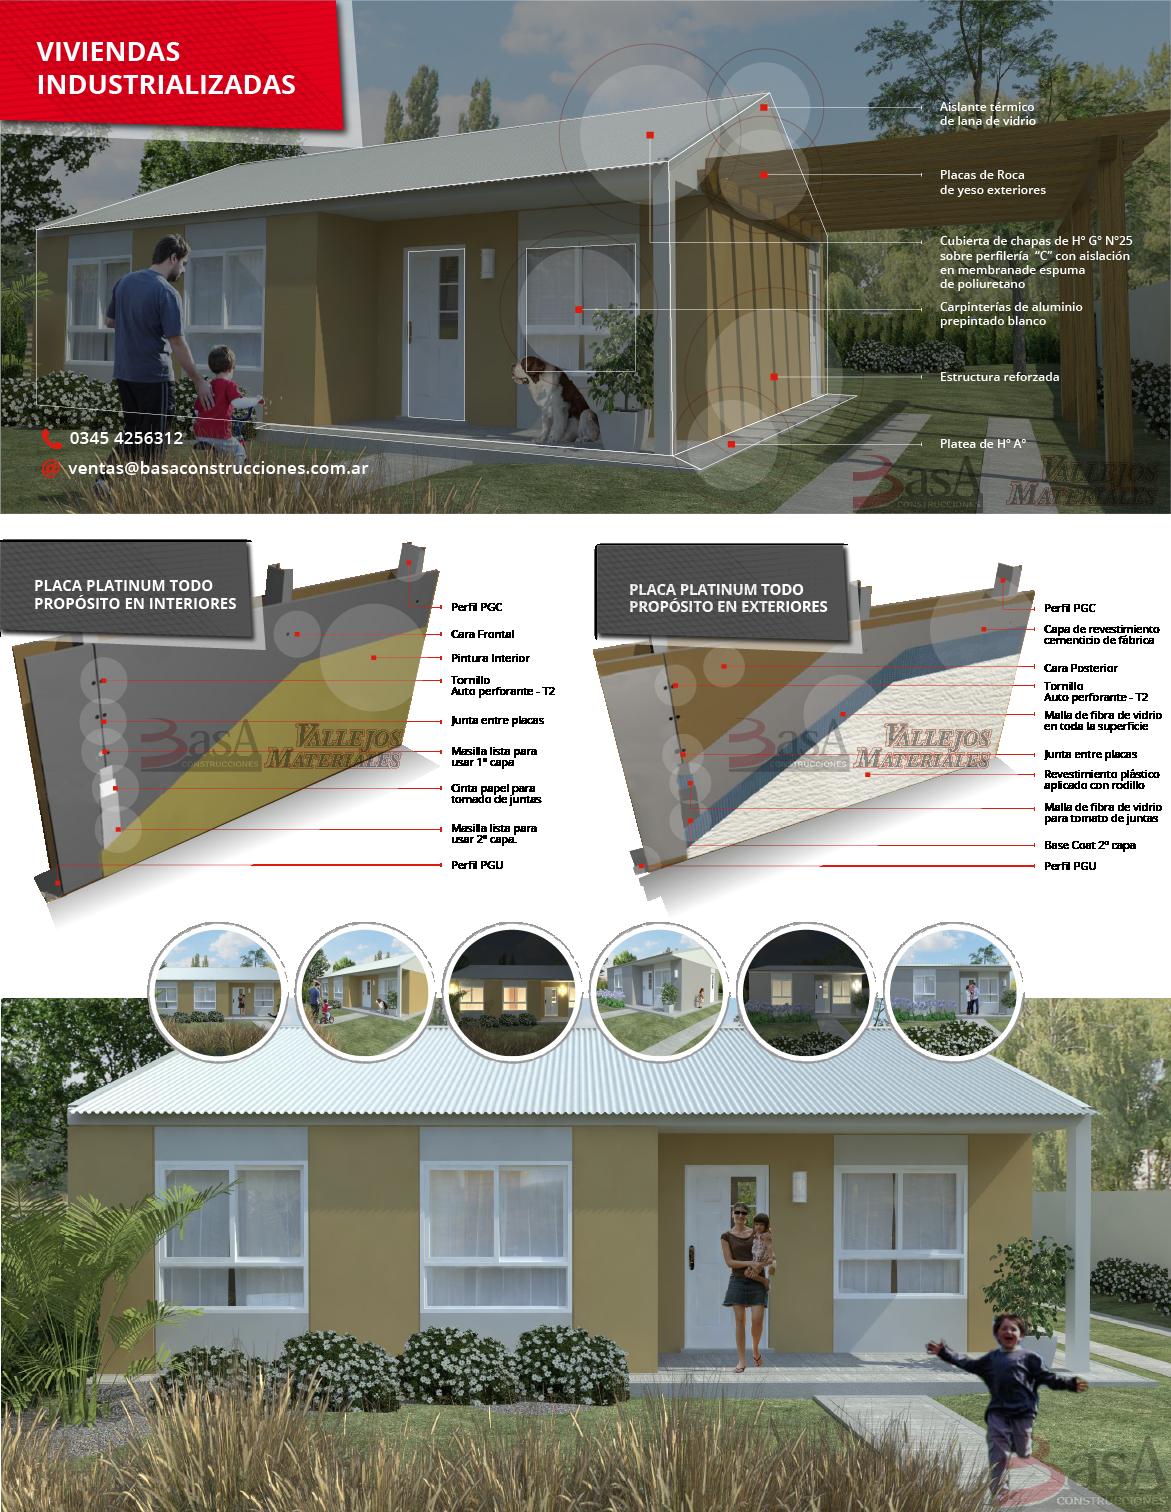 construccion_de_viviendas_industrializadas_Concordia-basa_construcciones